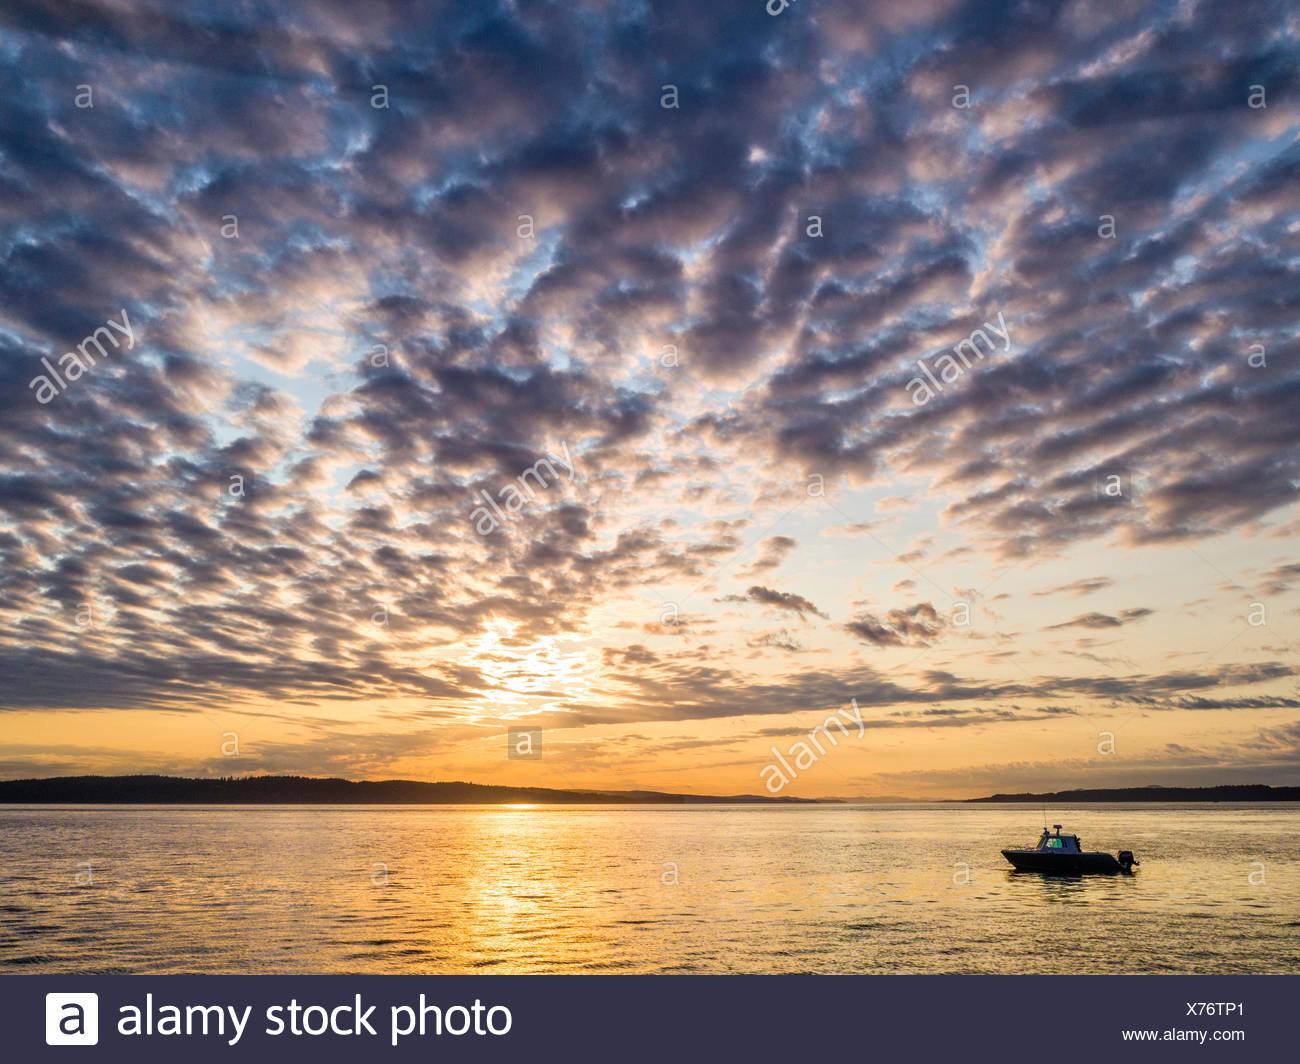 El 'ambient light' excursión en barco de la isla de Vancouver (Foto recorridos) durante la puesta de sol en el tour weynton pasaje en el norte de la isla de Vancouver, British Columbia, Canadá Imagen De Stock